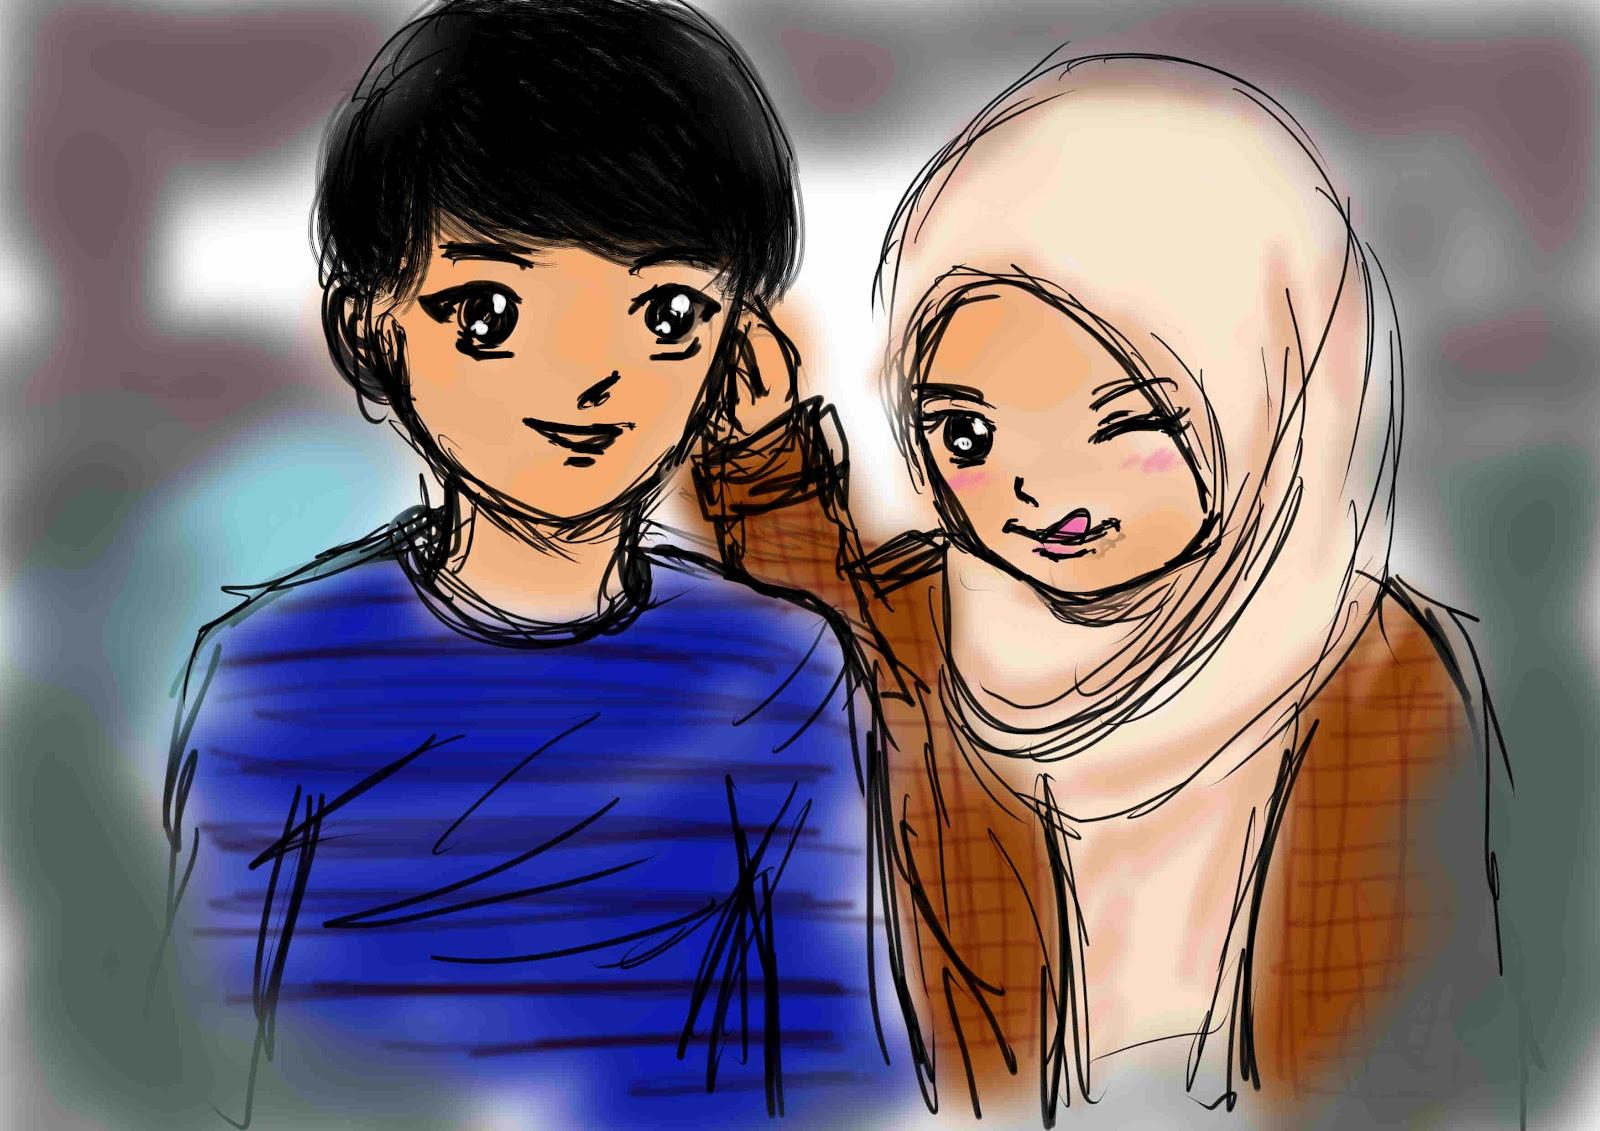 Wallpaper Muslimah Wallpaper Muslimah Romantis